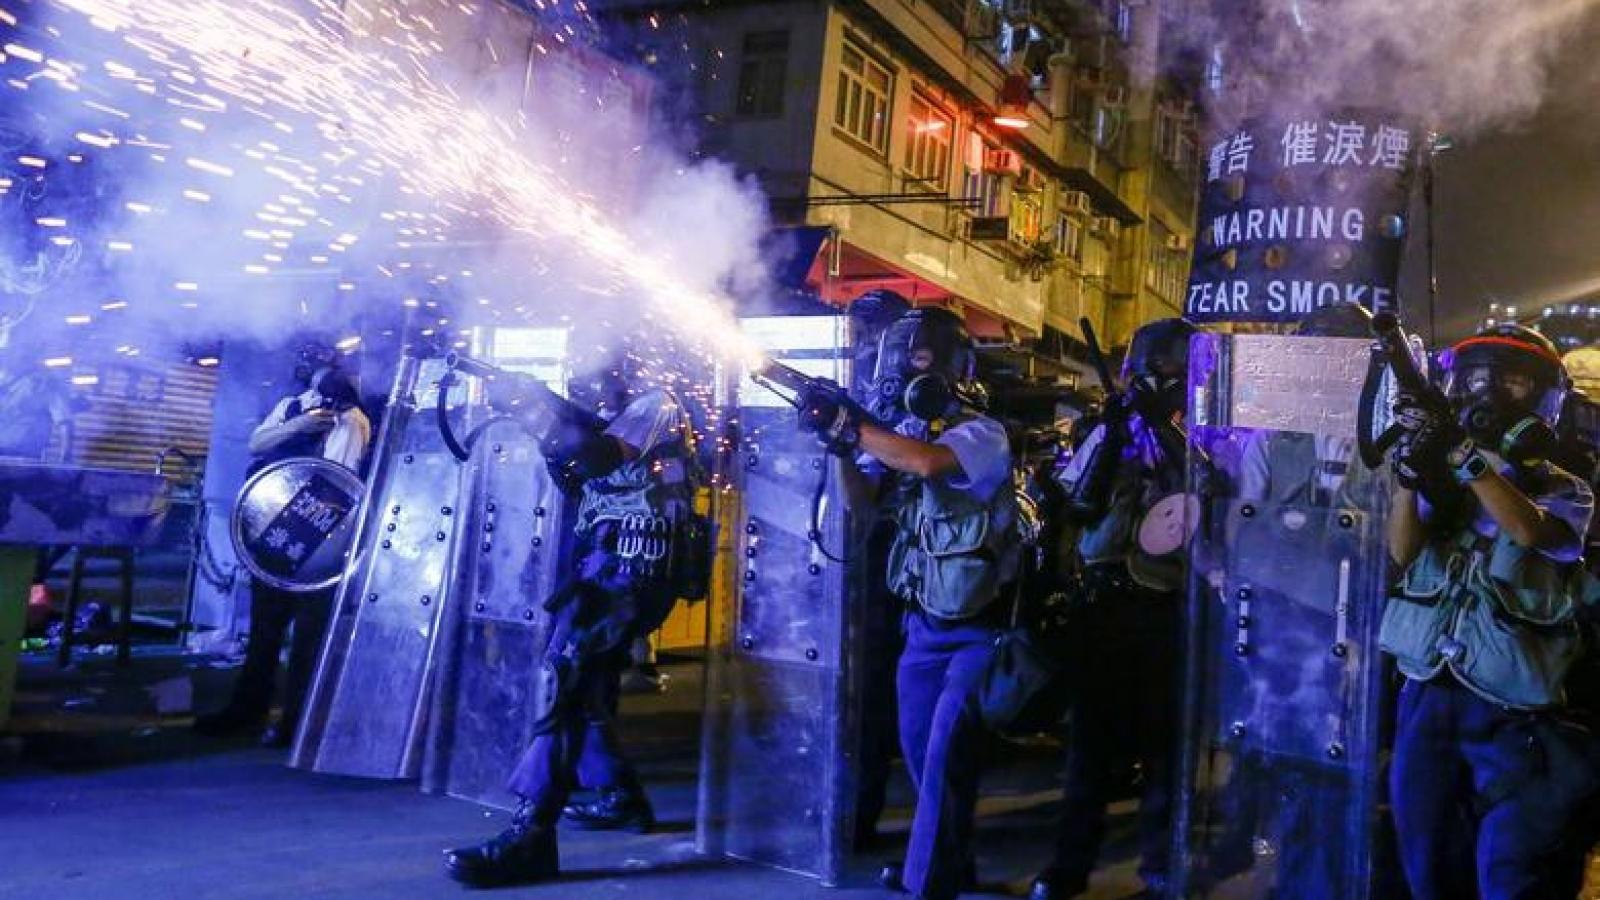 Reuters giành Giải báo chí Pulitzer thể loại Ảnh tin tức